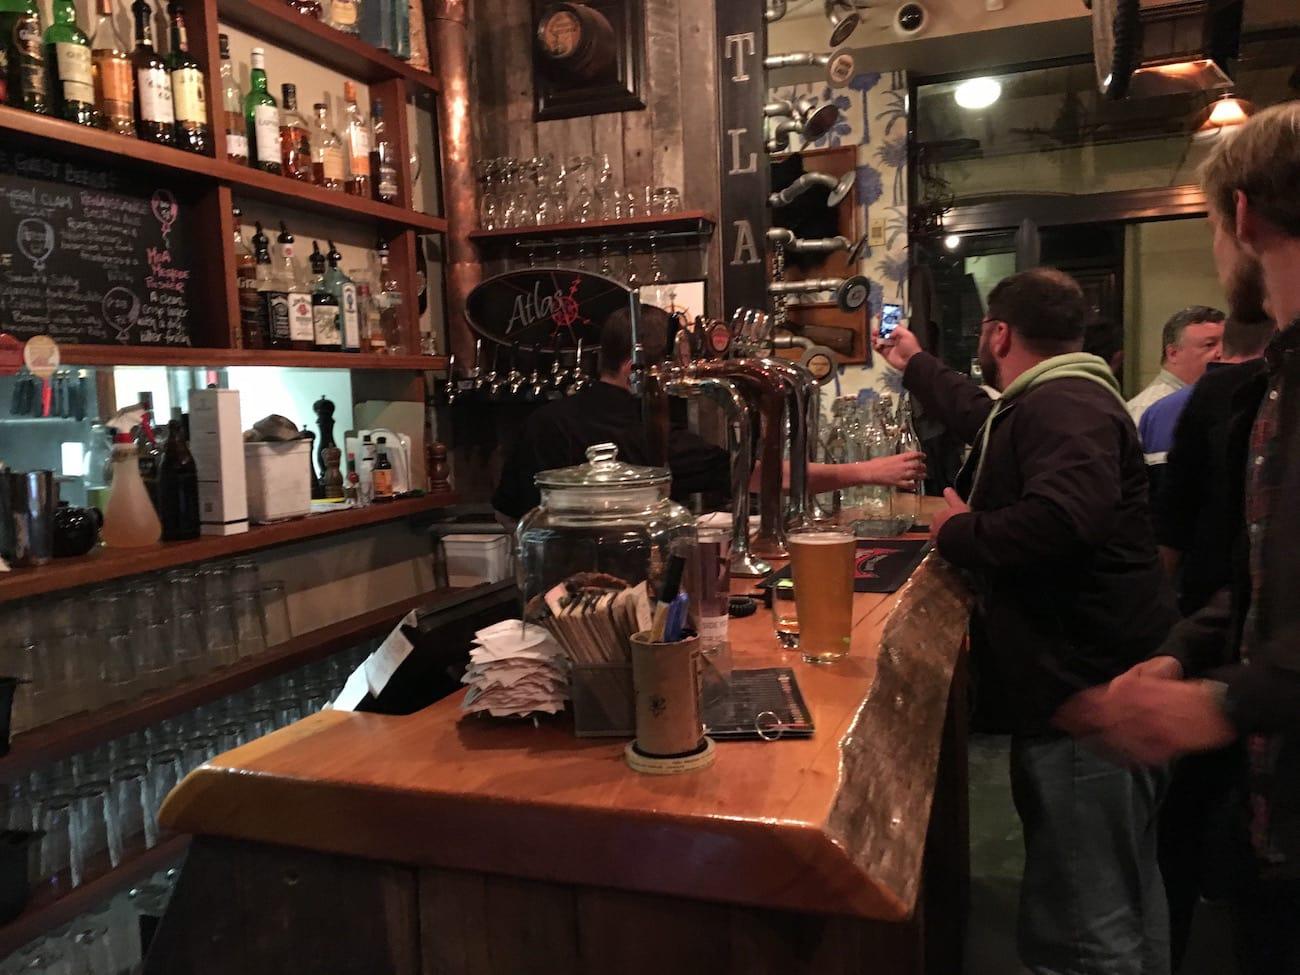 New Zealand Road Trip: Atlas Pub in Queenstown